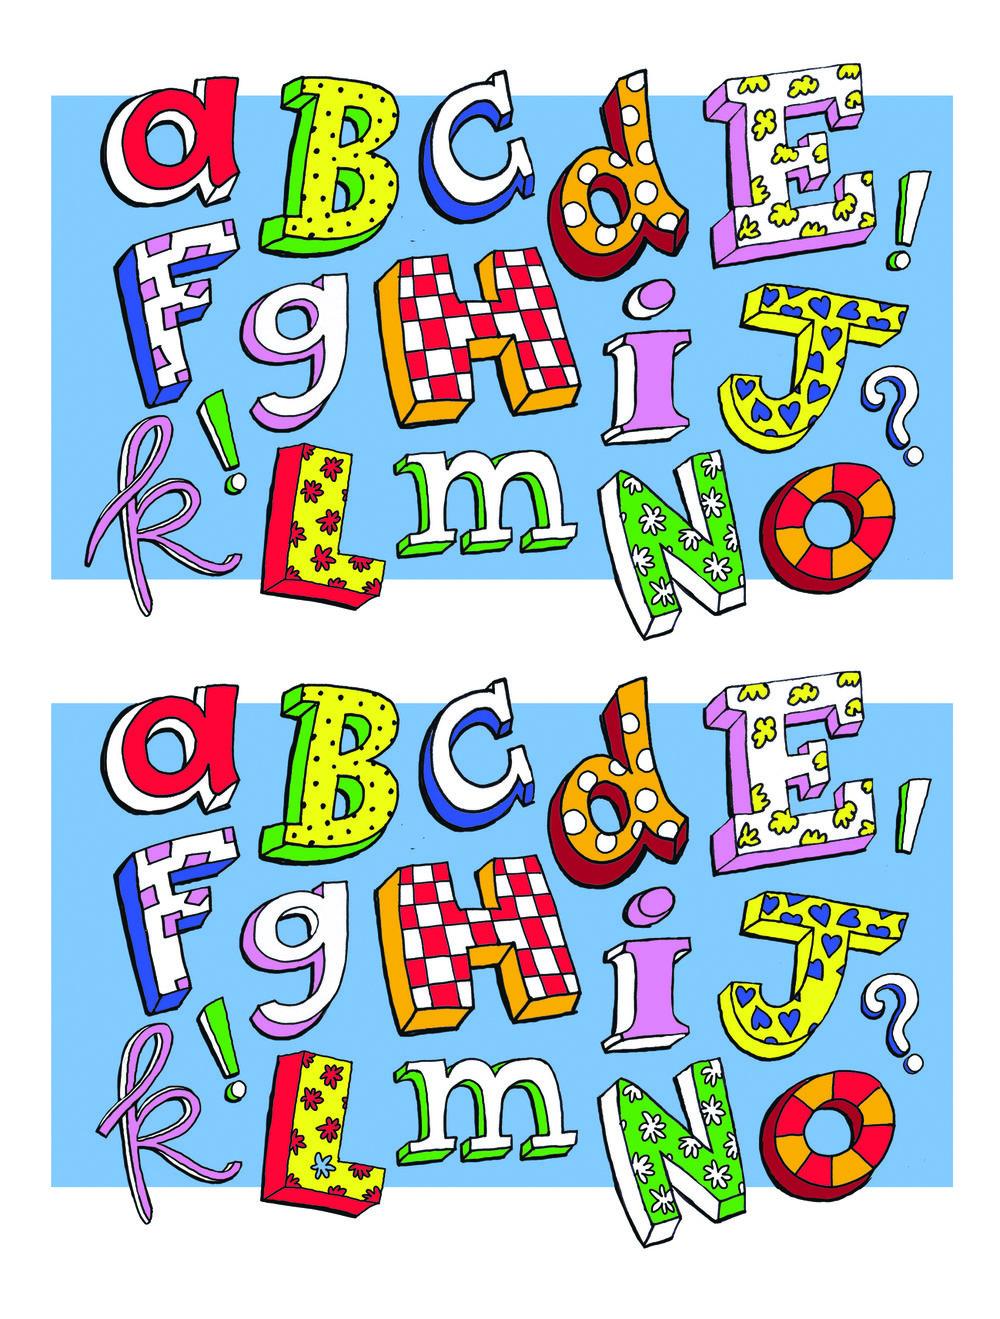 13_10 Verschillen - Letters.jpg